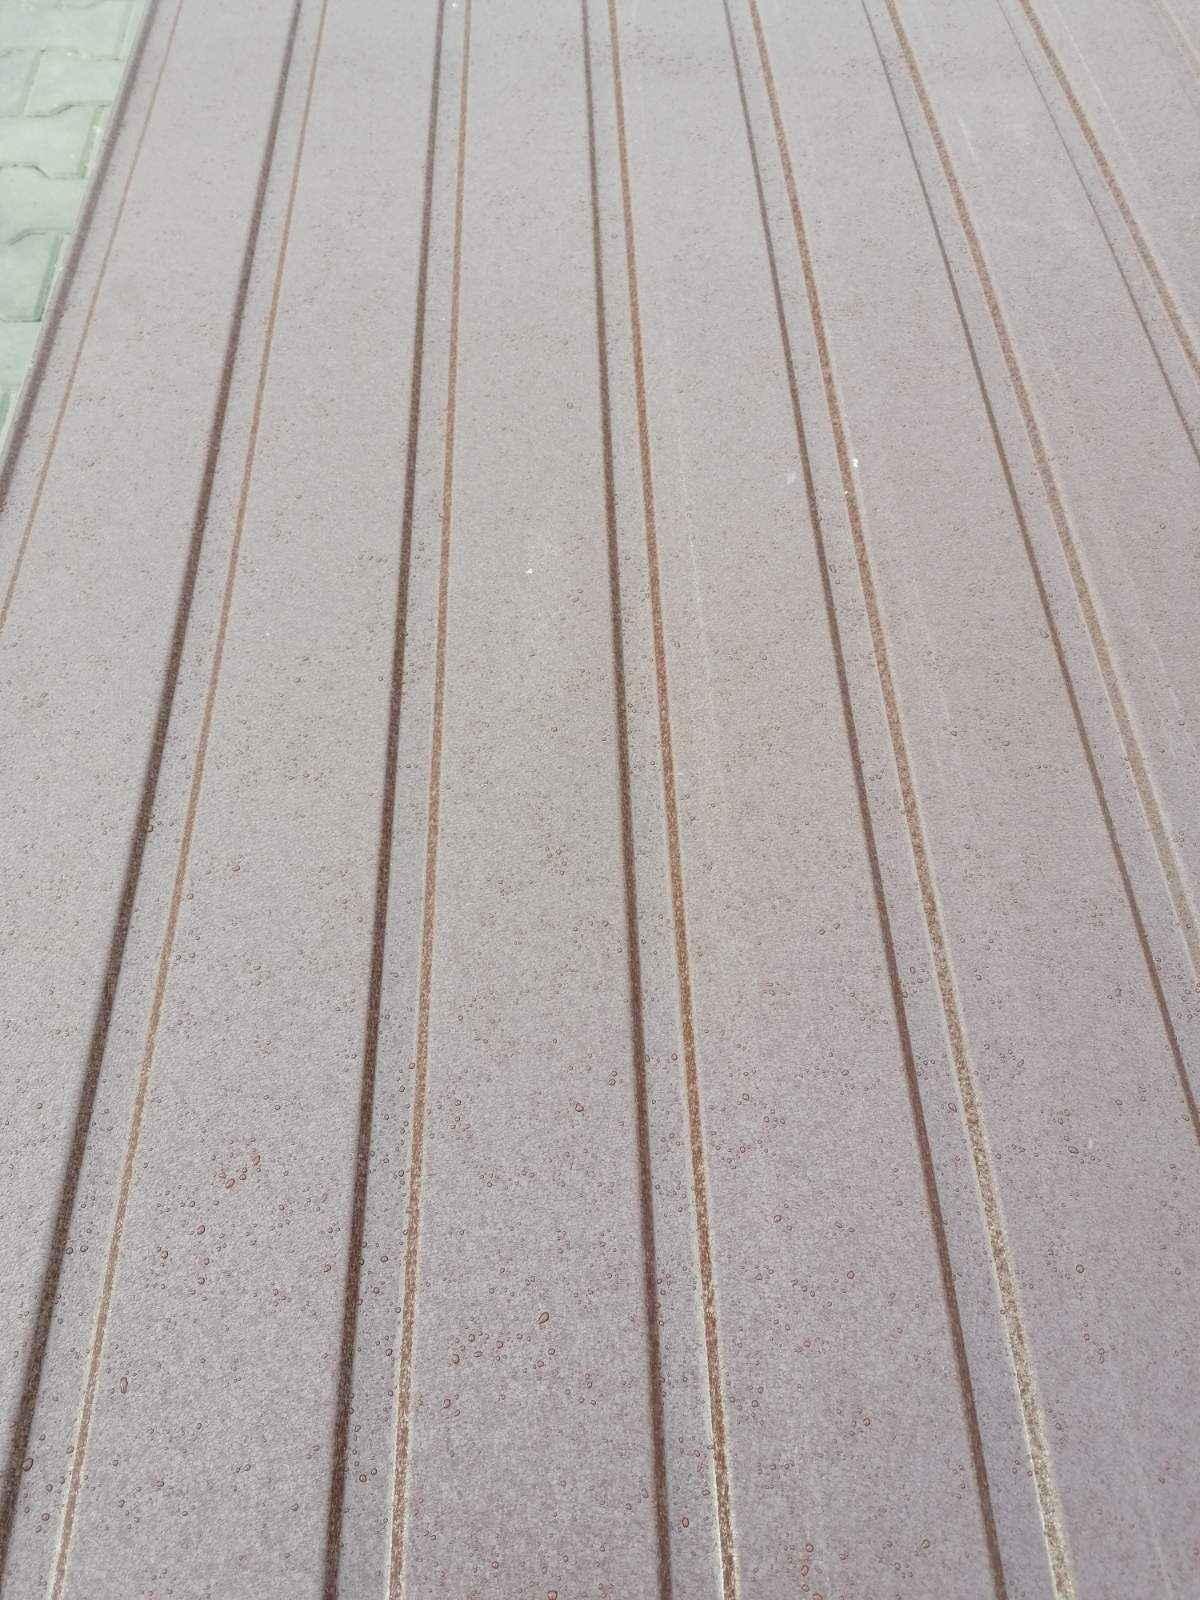 Tania blacha T-7 w II gat. w kolorze brązowym - MATOWA Biłgoraj - zdjęcie 1